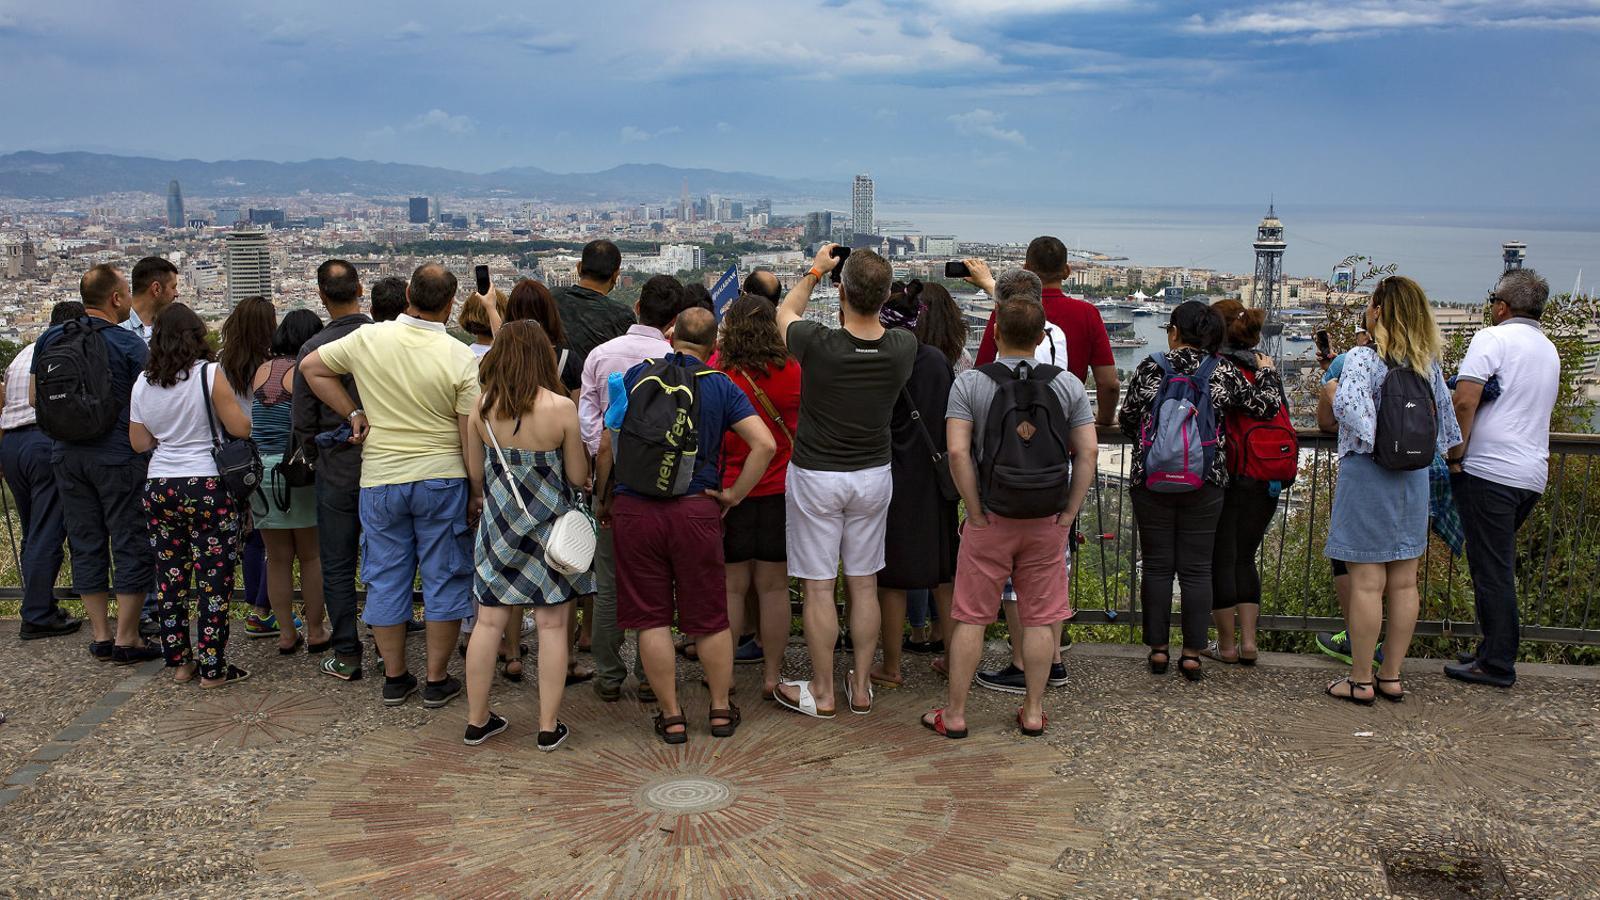 Europa busca com fer turisme aquesta temporada d'estiu